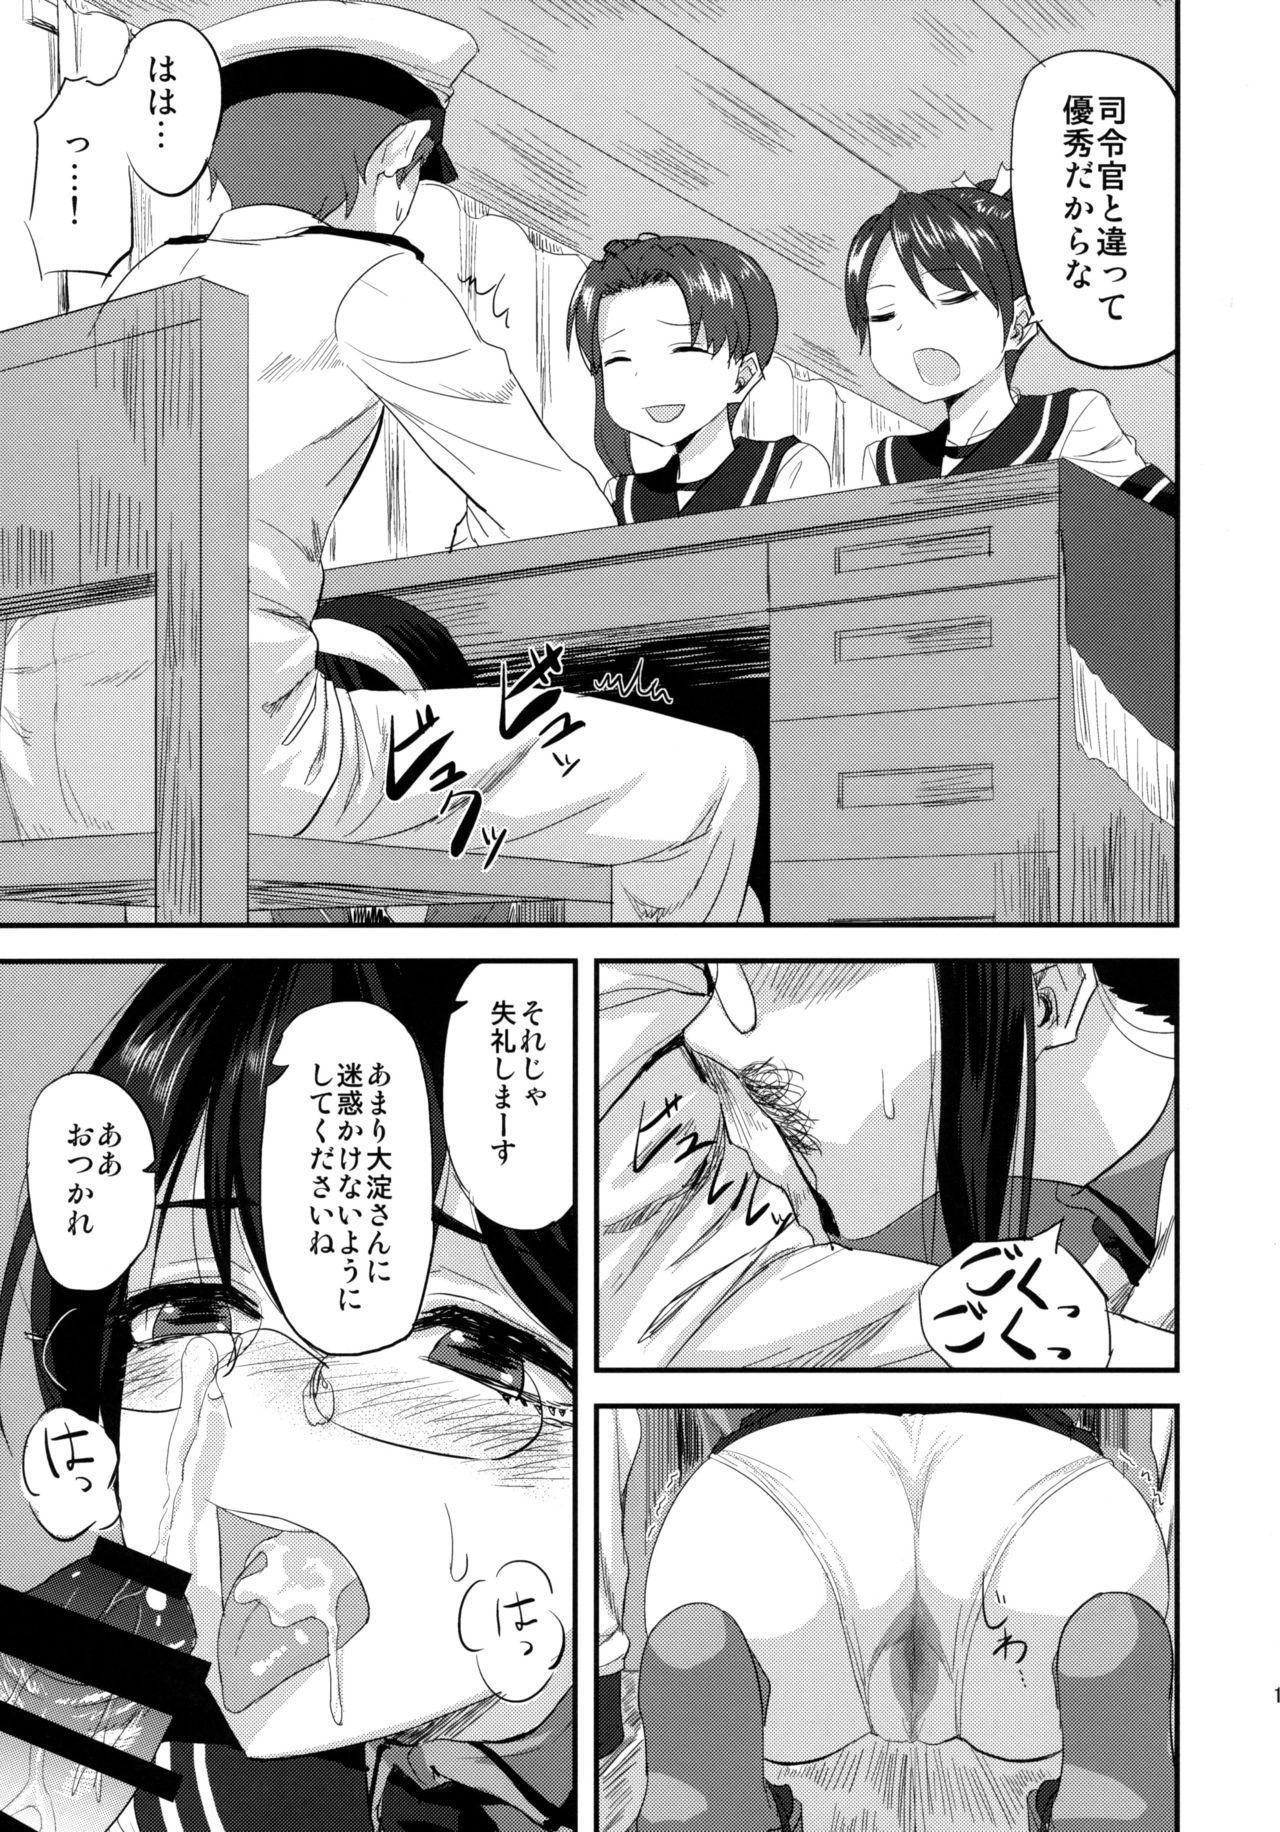 Ooyodo-san to Shitsumushitsu de Hitomae Kossorix 11